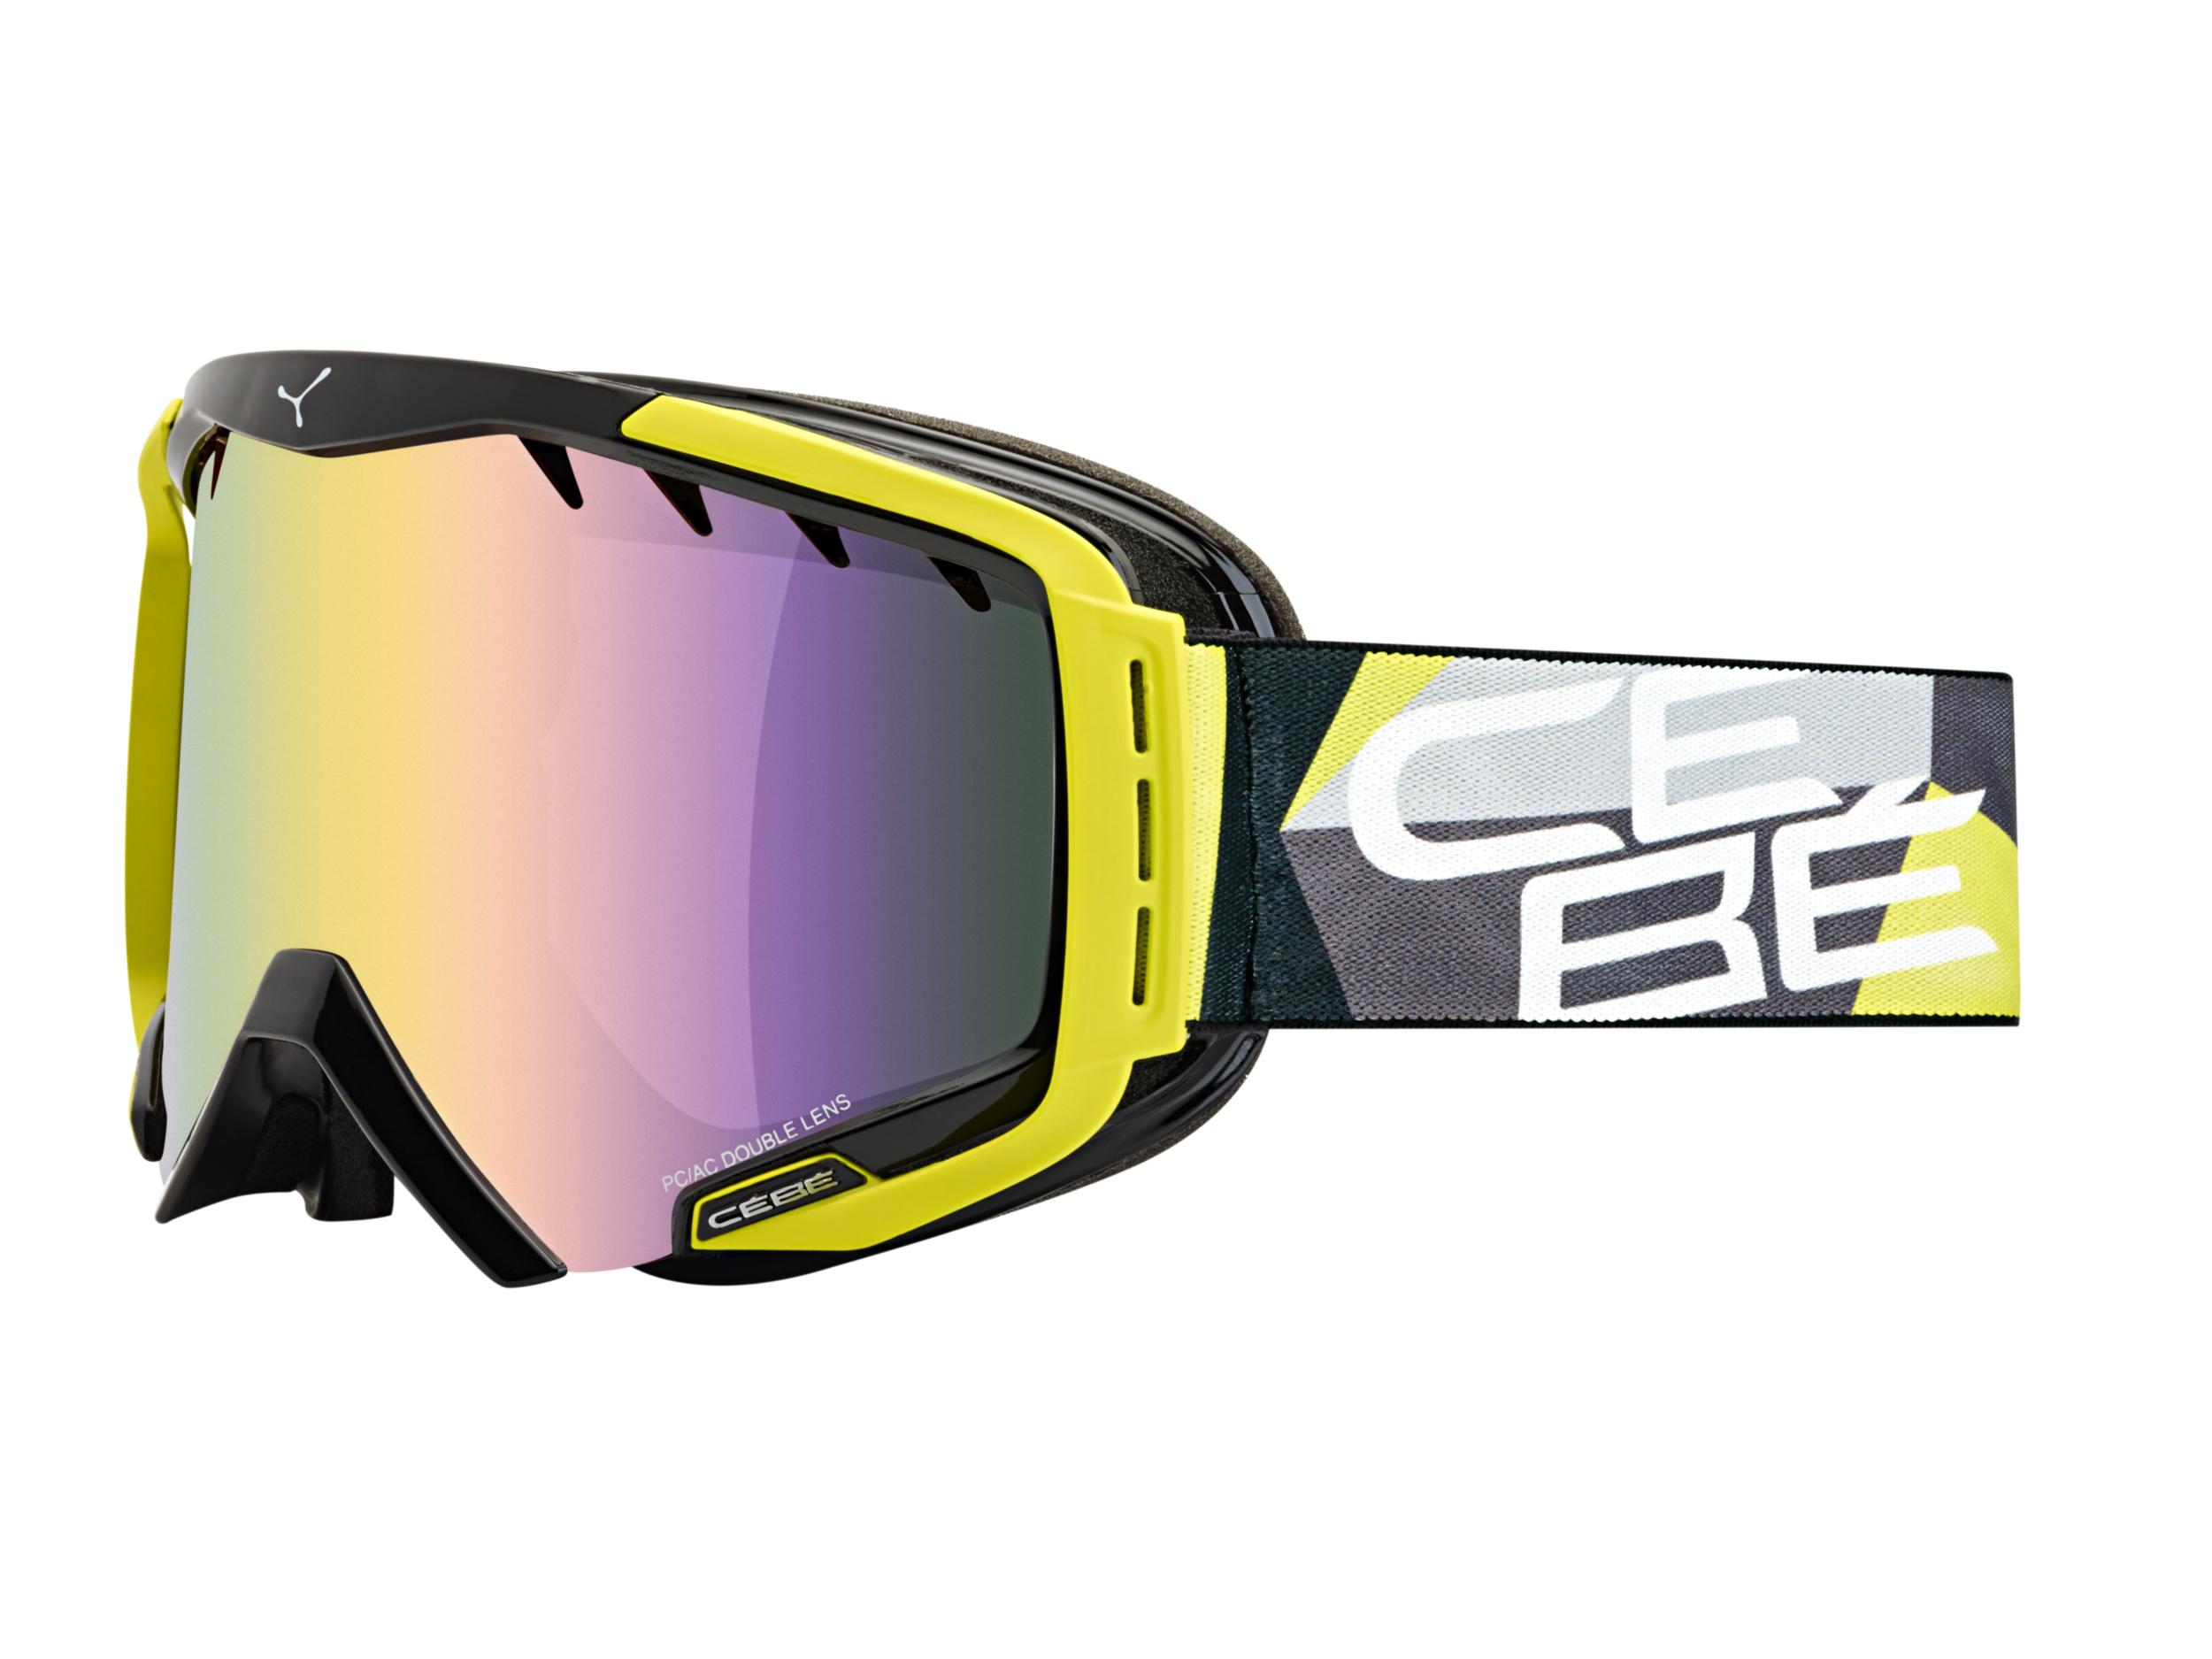 Masque de ski Cébé - Hurricane L CBG16 - Cat.2 wVtvkAH